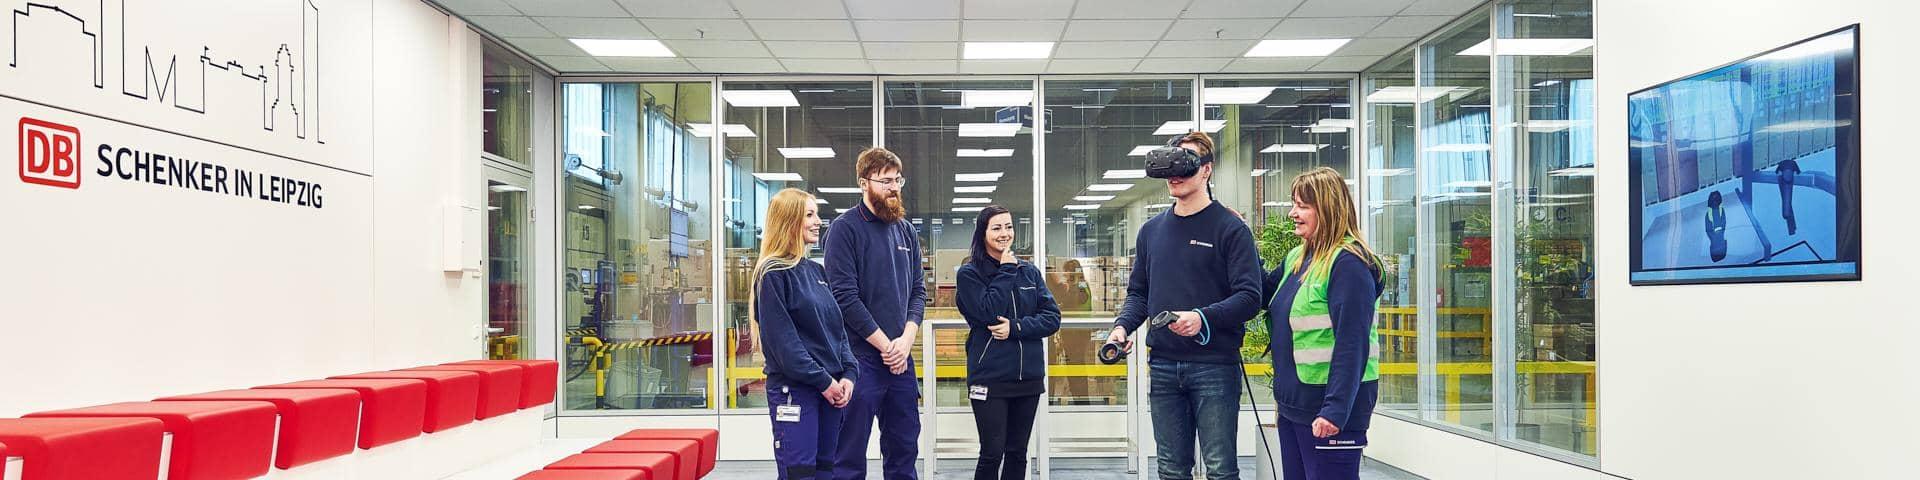 DB Schenker in Leipzig VR Movie